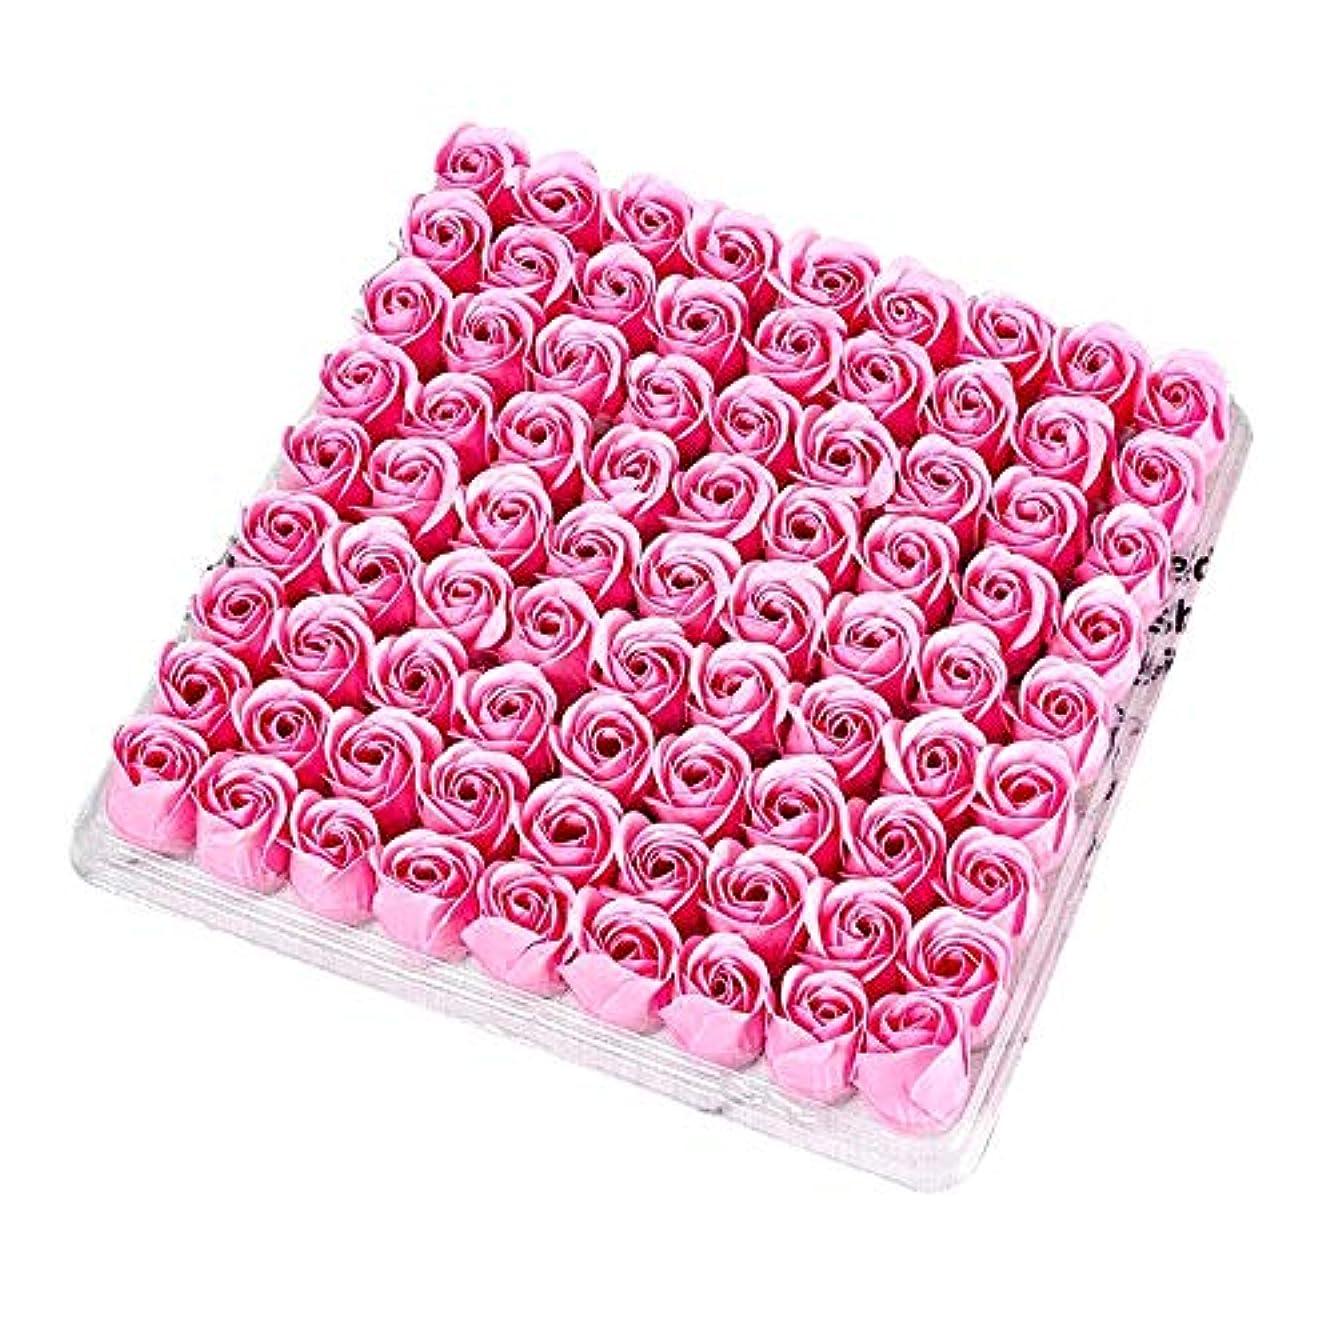 キネマティクスカレッジ肖像画TOOGOO 81個の薔薇、バス ボディ フラワー?フローラルの石けん 香りのよいローズフラワー エッセンシャルオイル フローラルのお客様への石鹸 ウェディング、パーティー、バレンタインデーの贈り物、ピンク